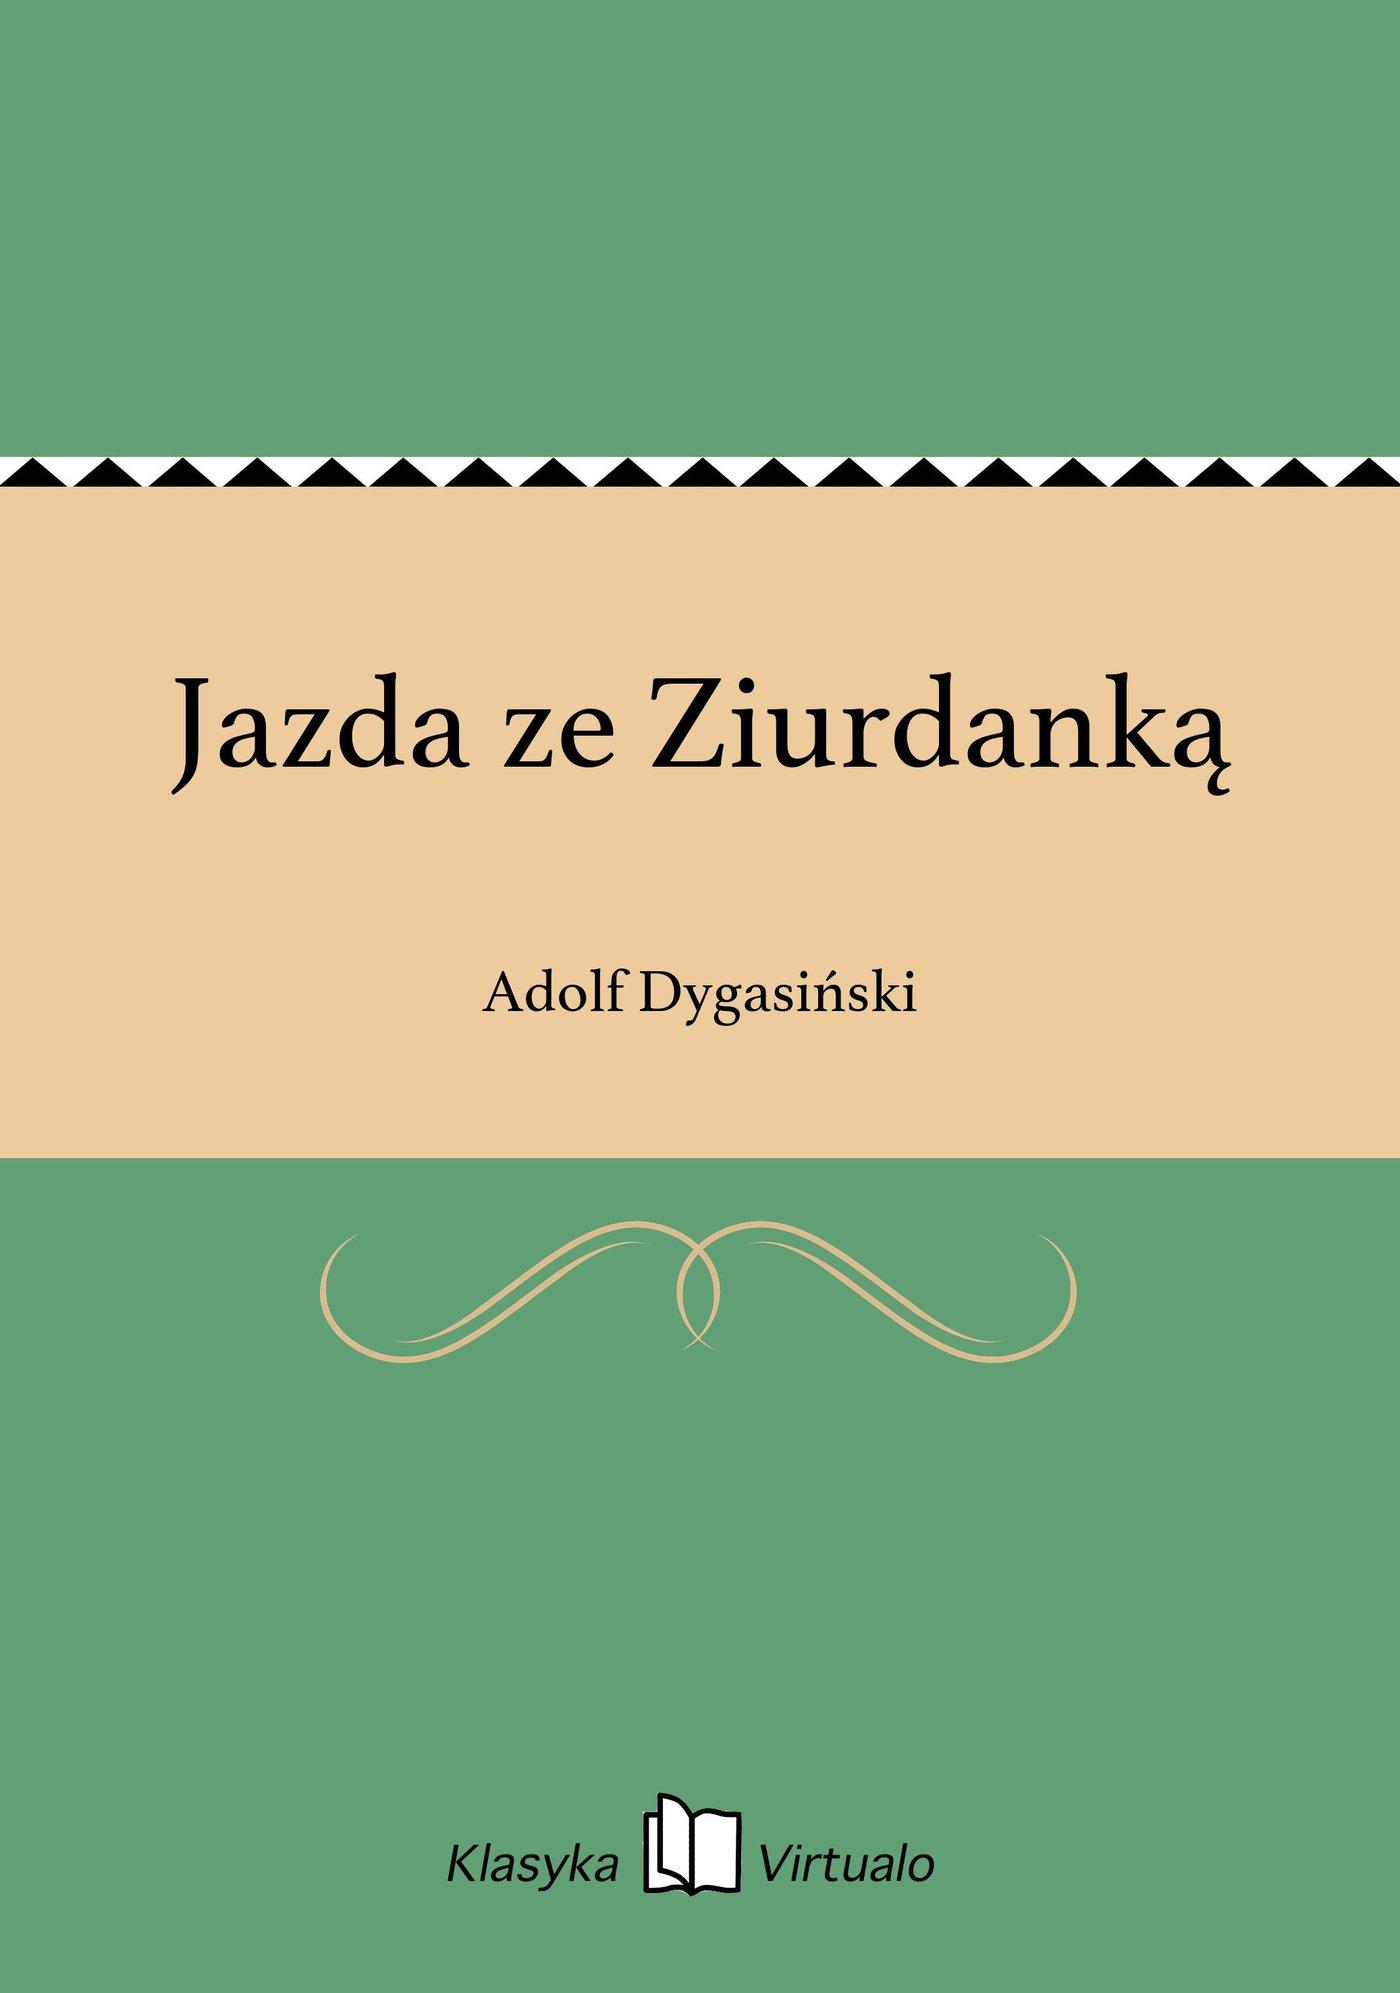 Jazda ze Ziurdanką - Ebook (Książka EPUB) do pobrania w formacie EPUB